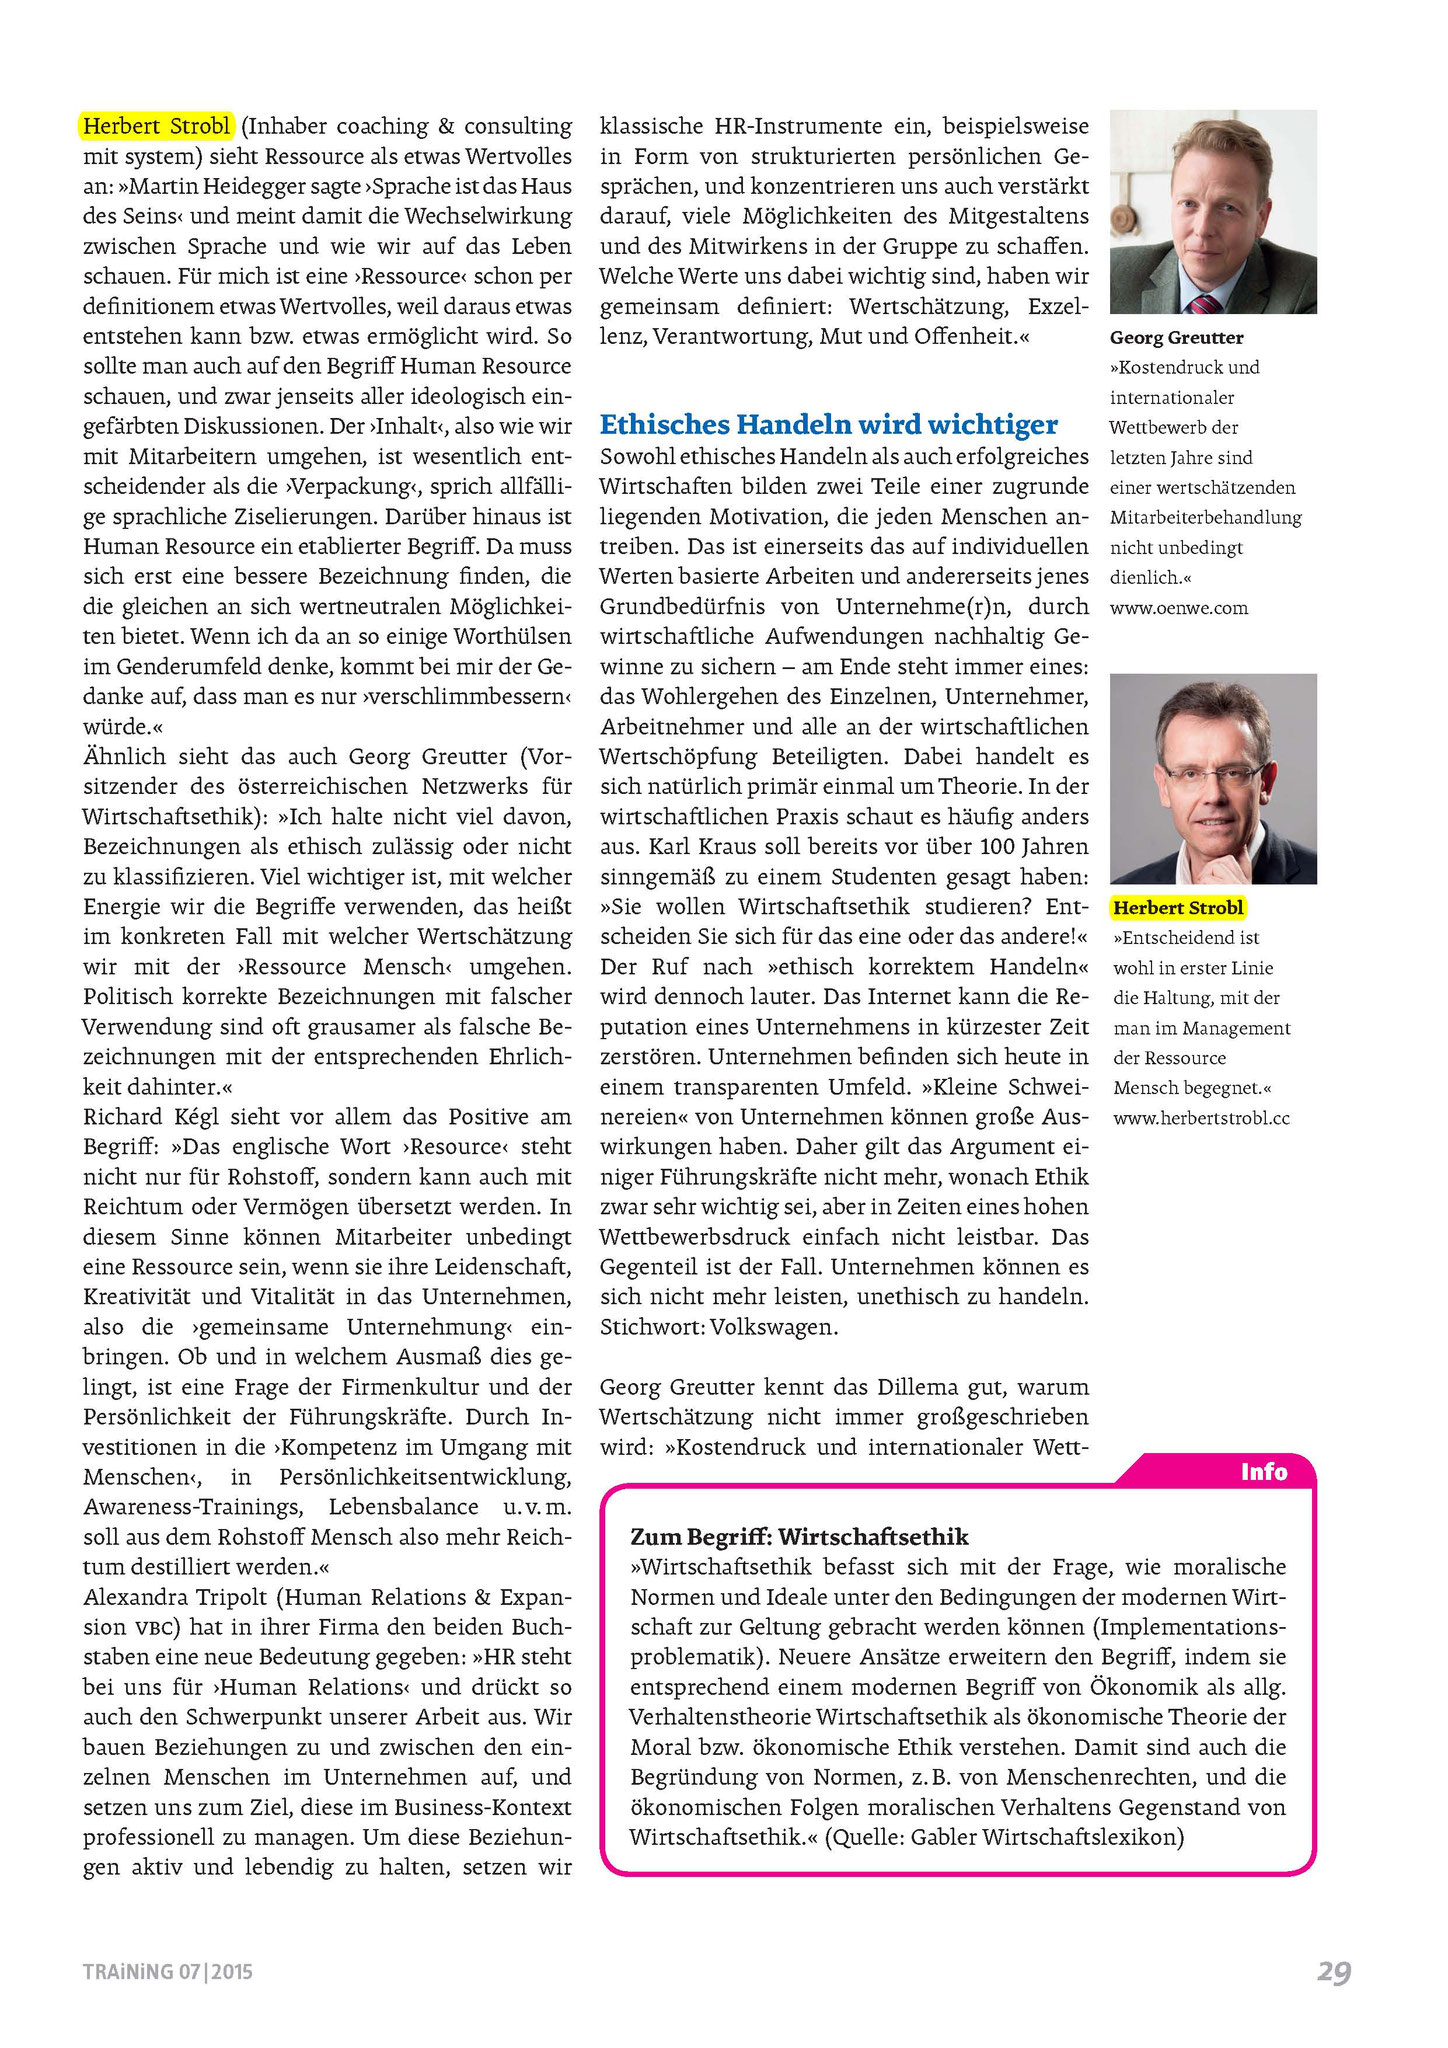 Ethik und HR - Ein Widerspruch? Seite 1